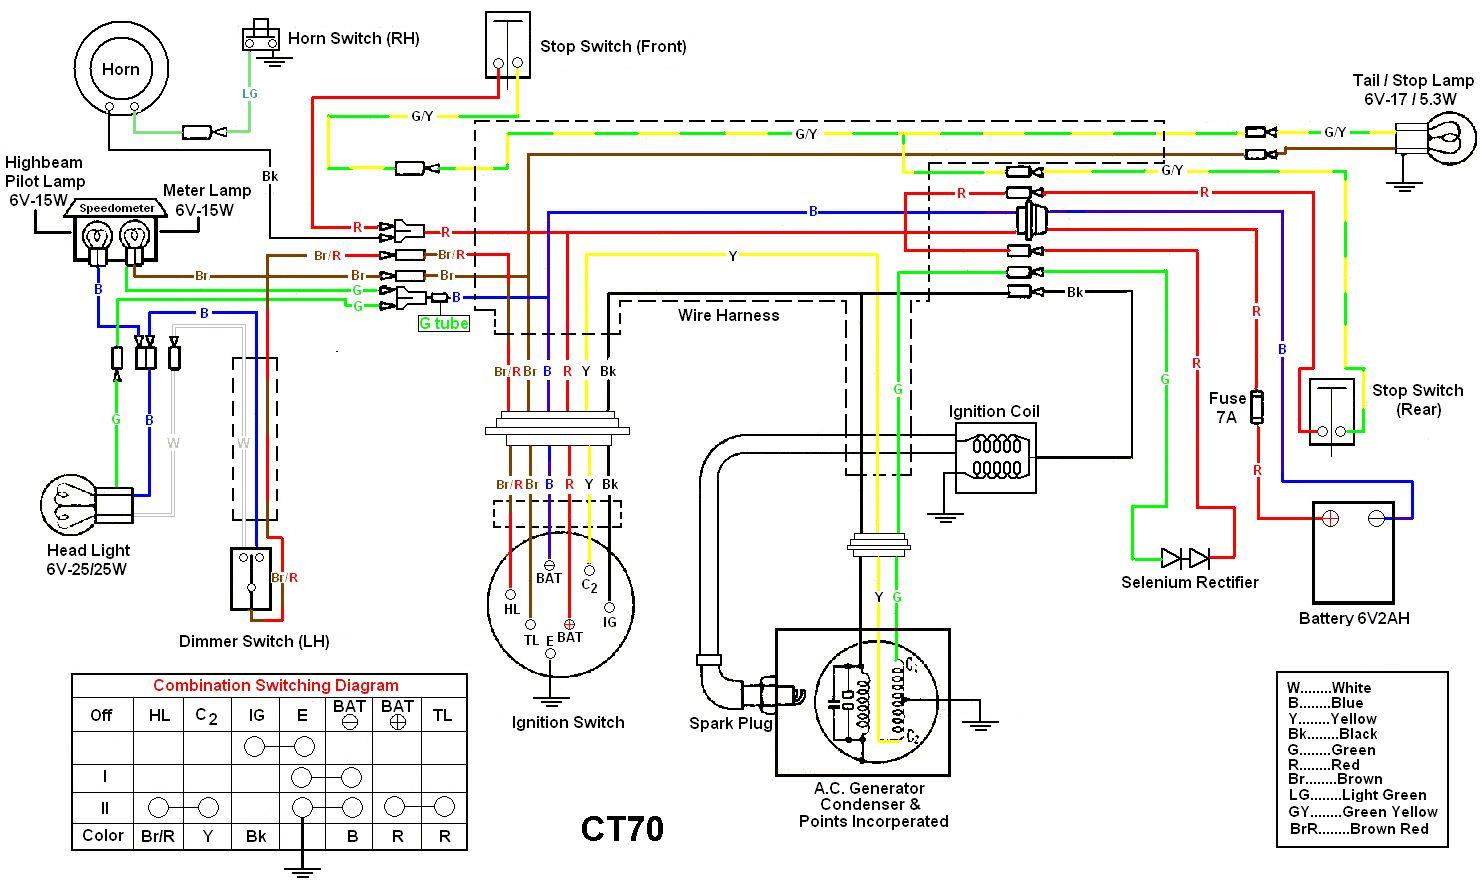 honda nice wiring diagram 72 wiring diagram | honda ct70 | pinterest | diagram and honda #14